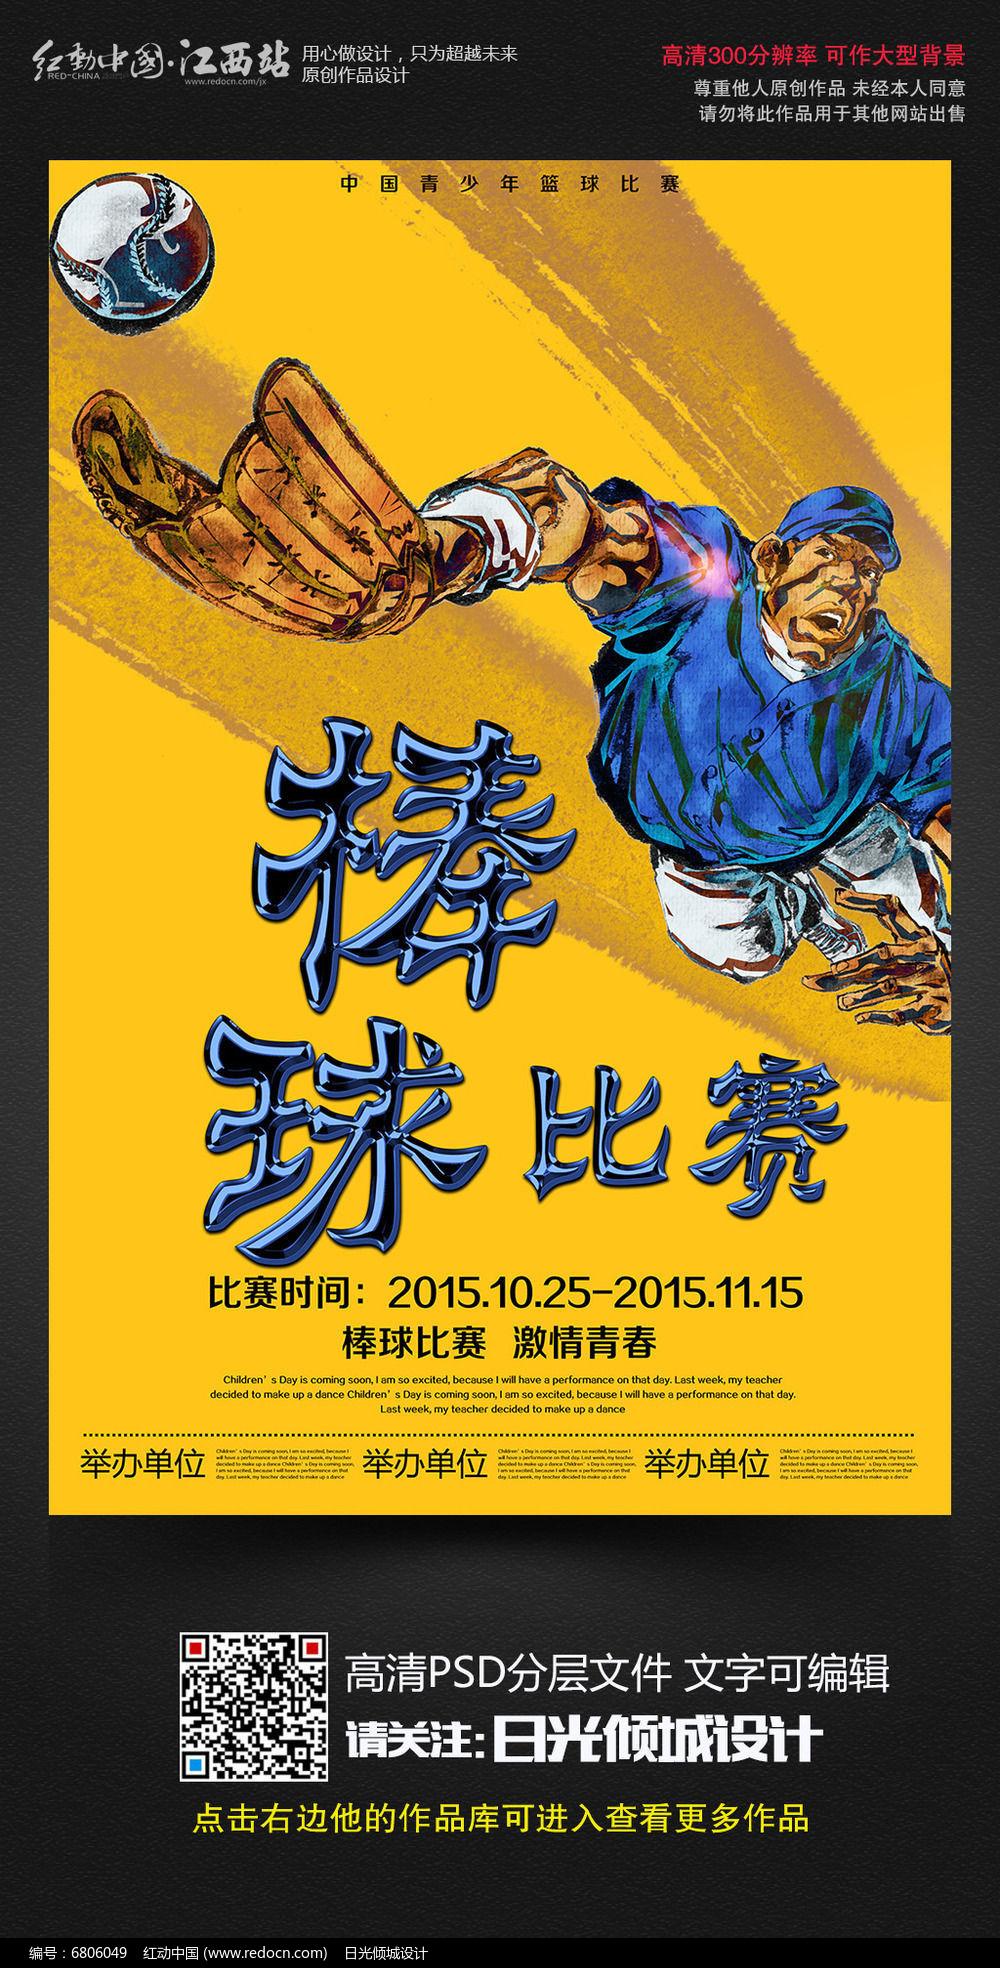 棒球比赛宣传海报设计图片